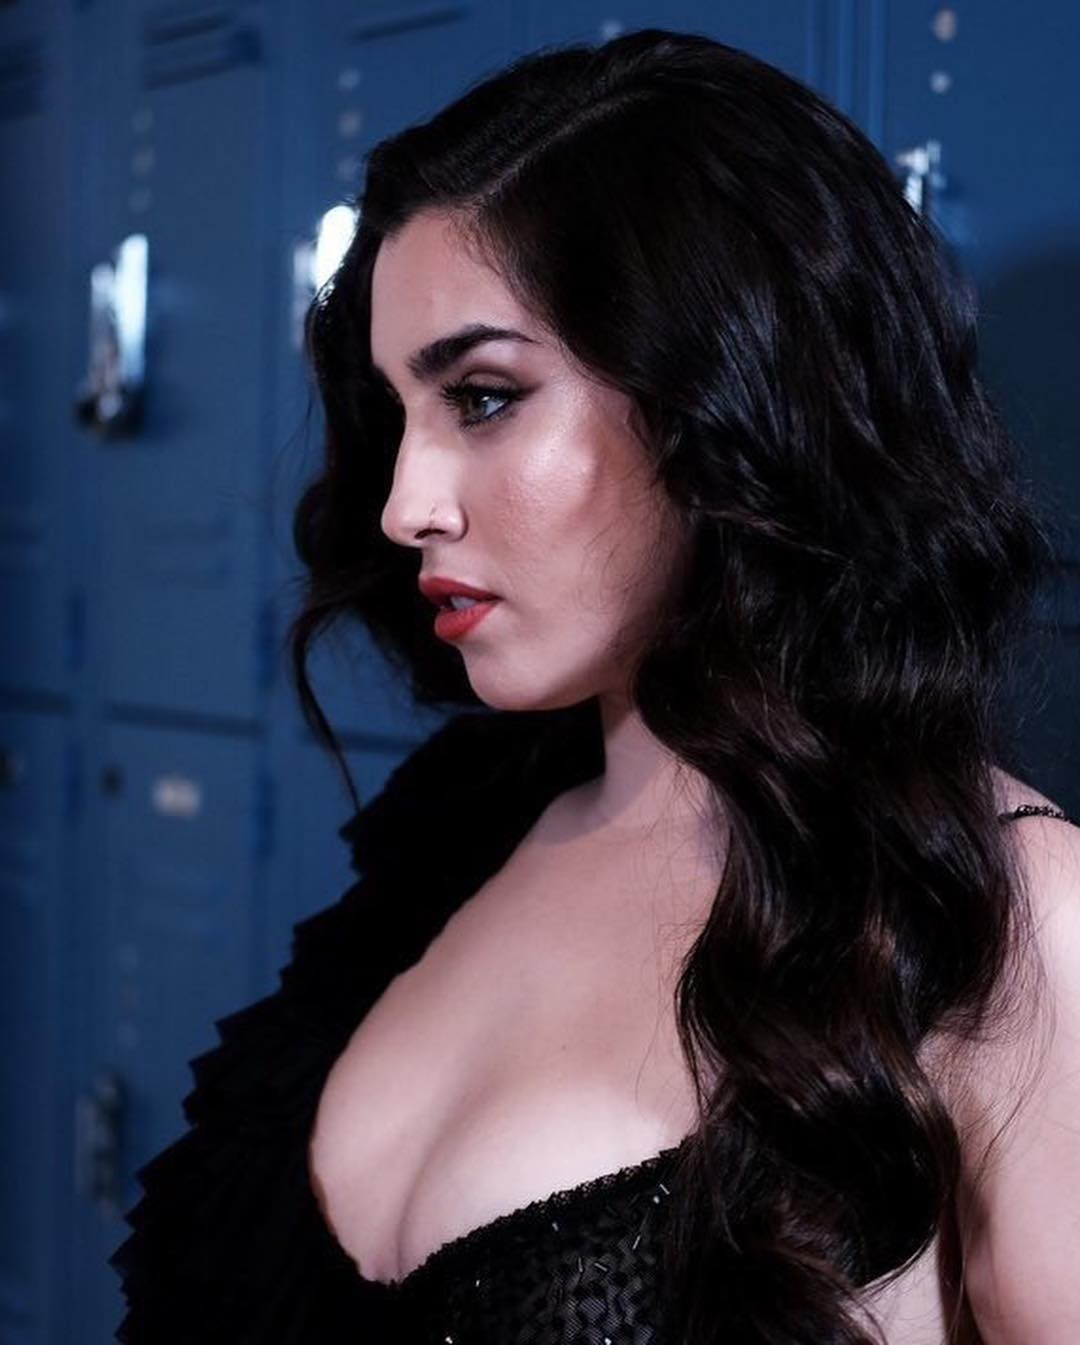 Lauren Jauregui Hot